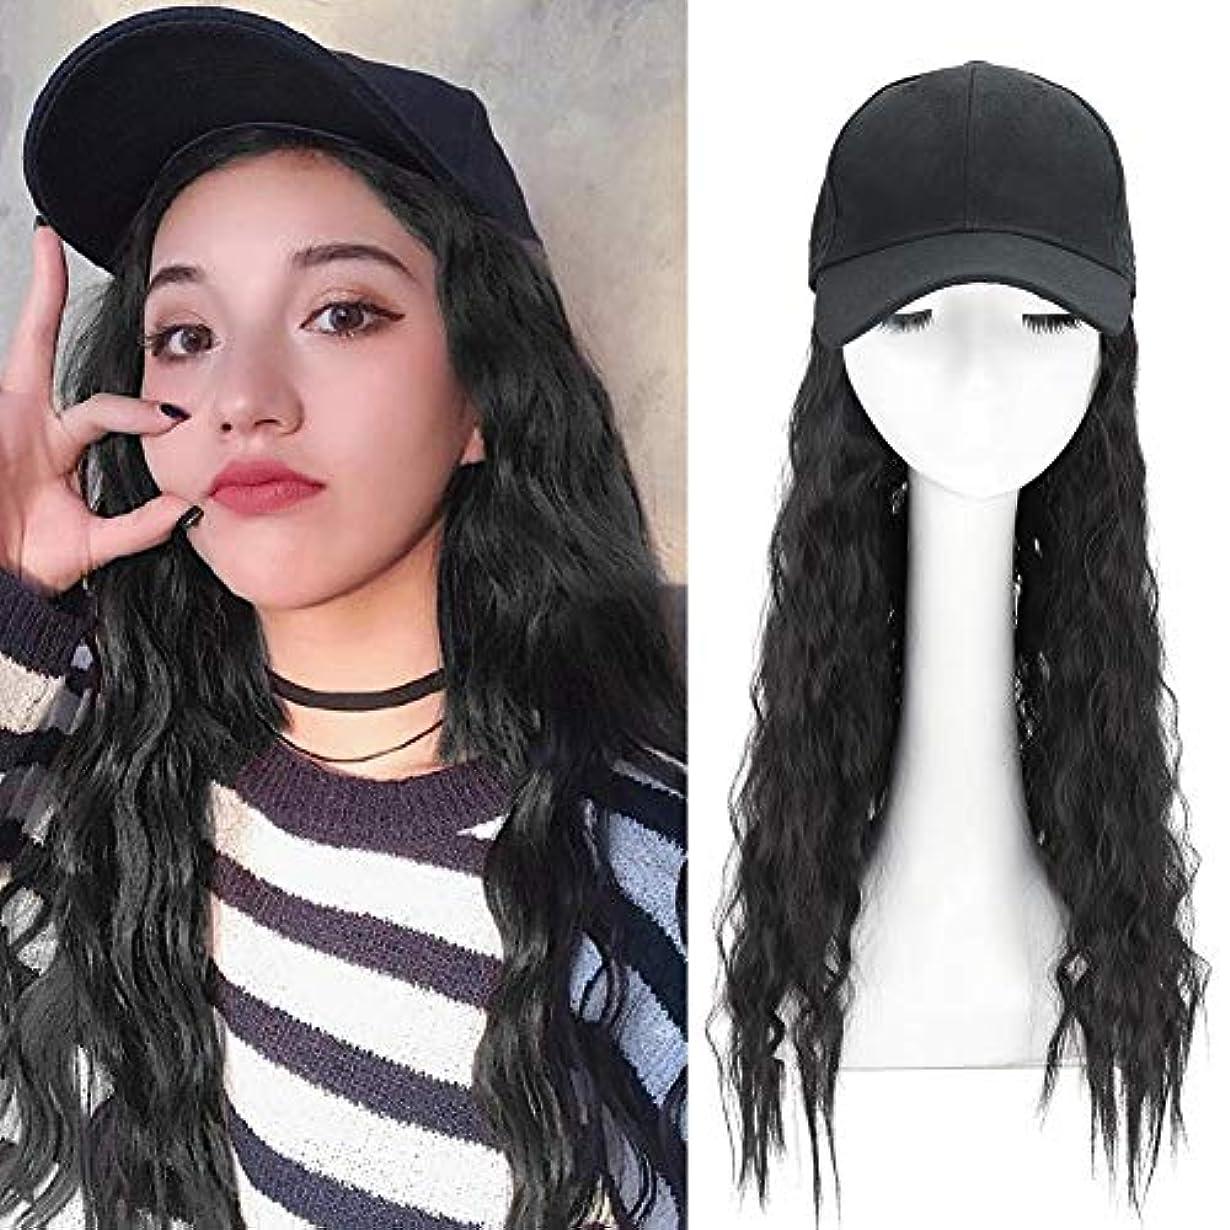 ホストエンドウ冒険長い巻き毛を持つ合成長波野球帽合成毛を持つ波状かつらキャップ女の子のための髪を持つ調整可能な野球帽帽子